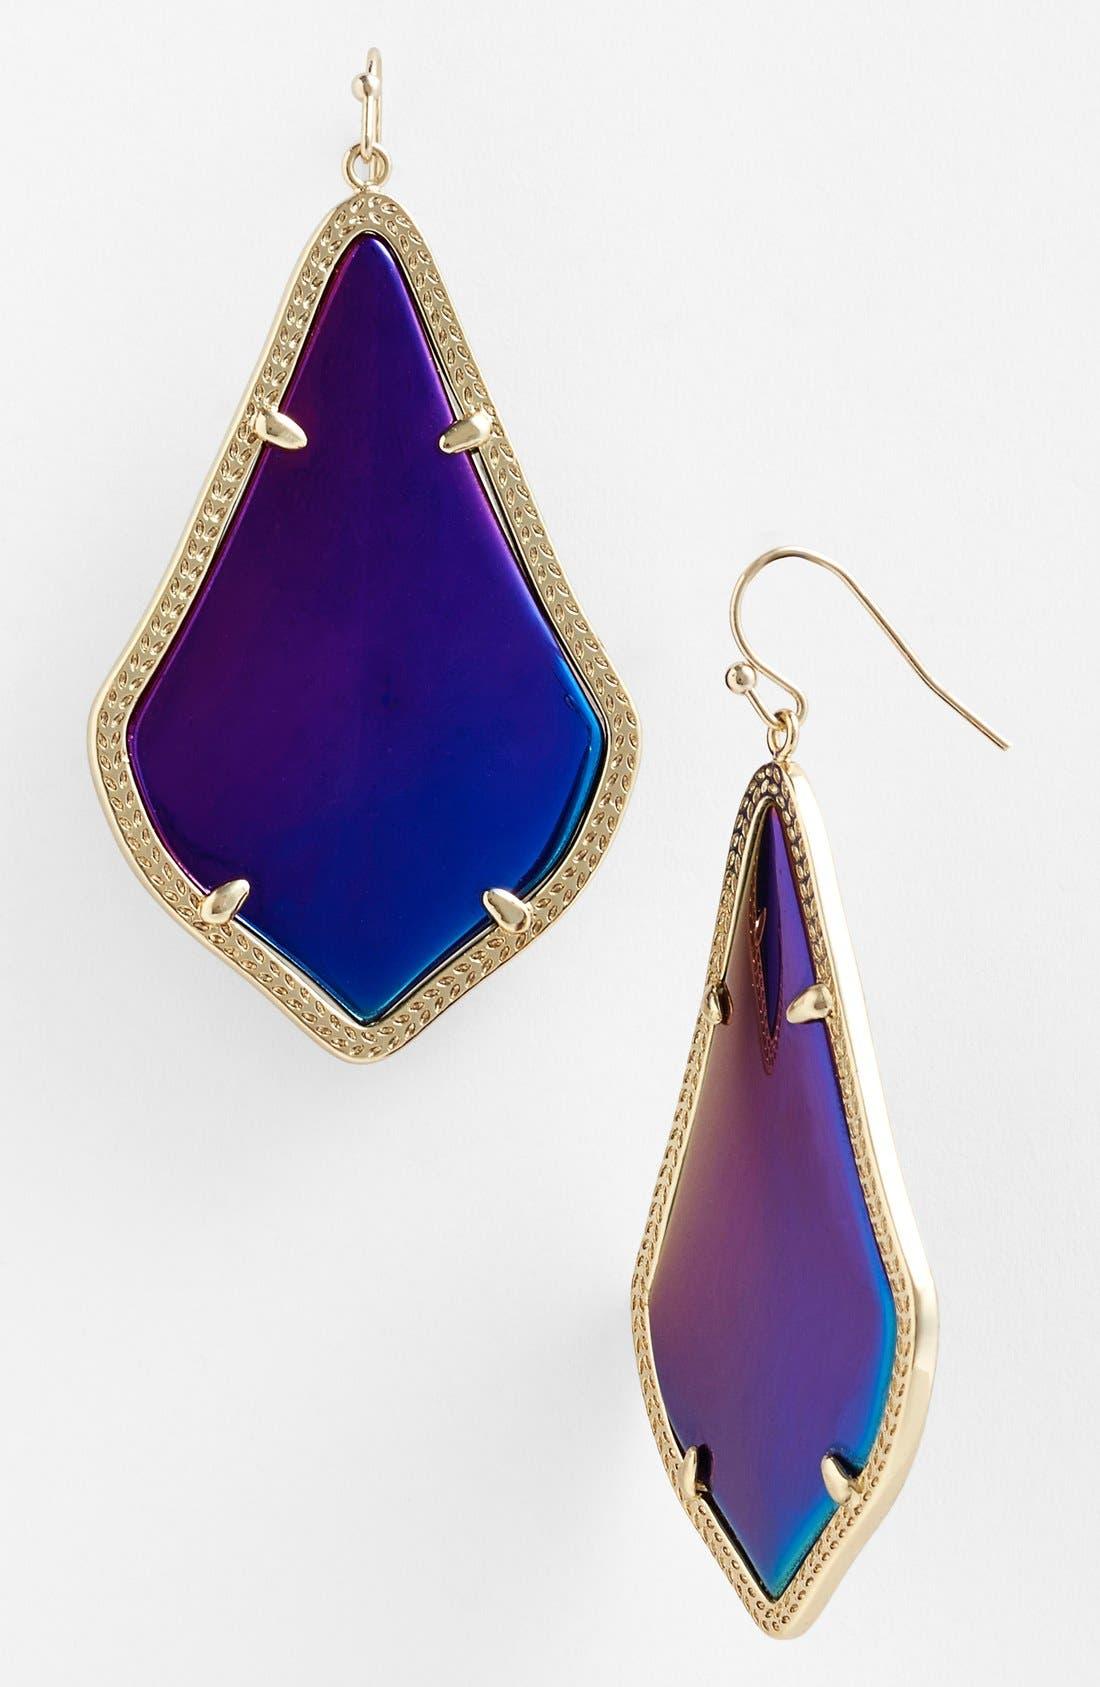 Main Image - Kendra Scott 'Alexandra' Large Drop Earrings